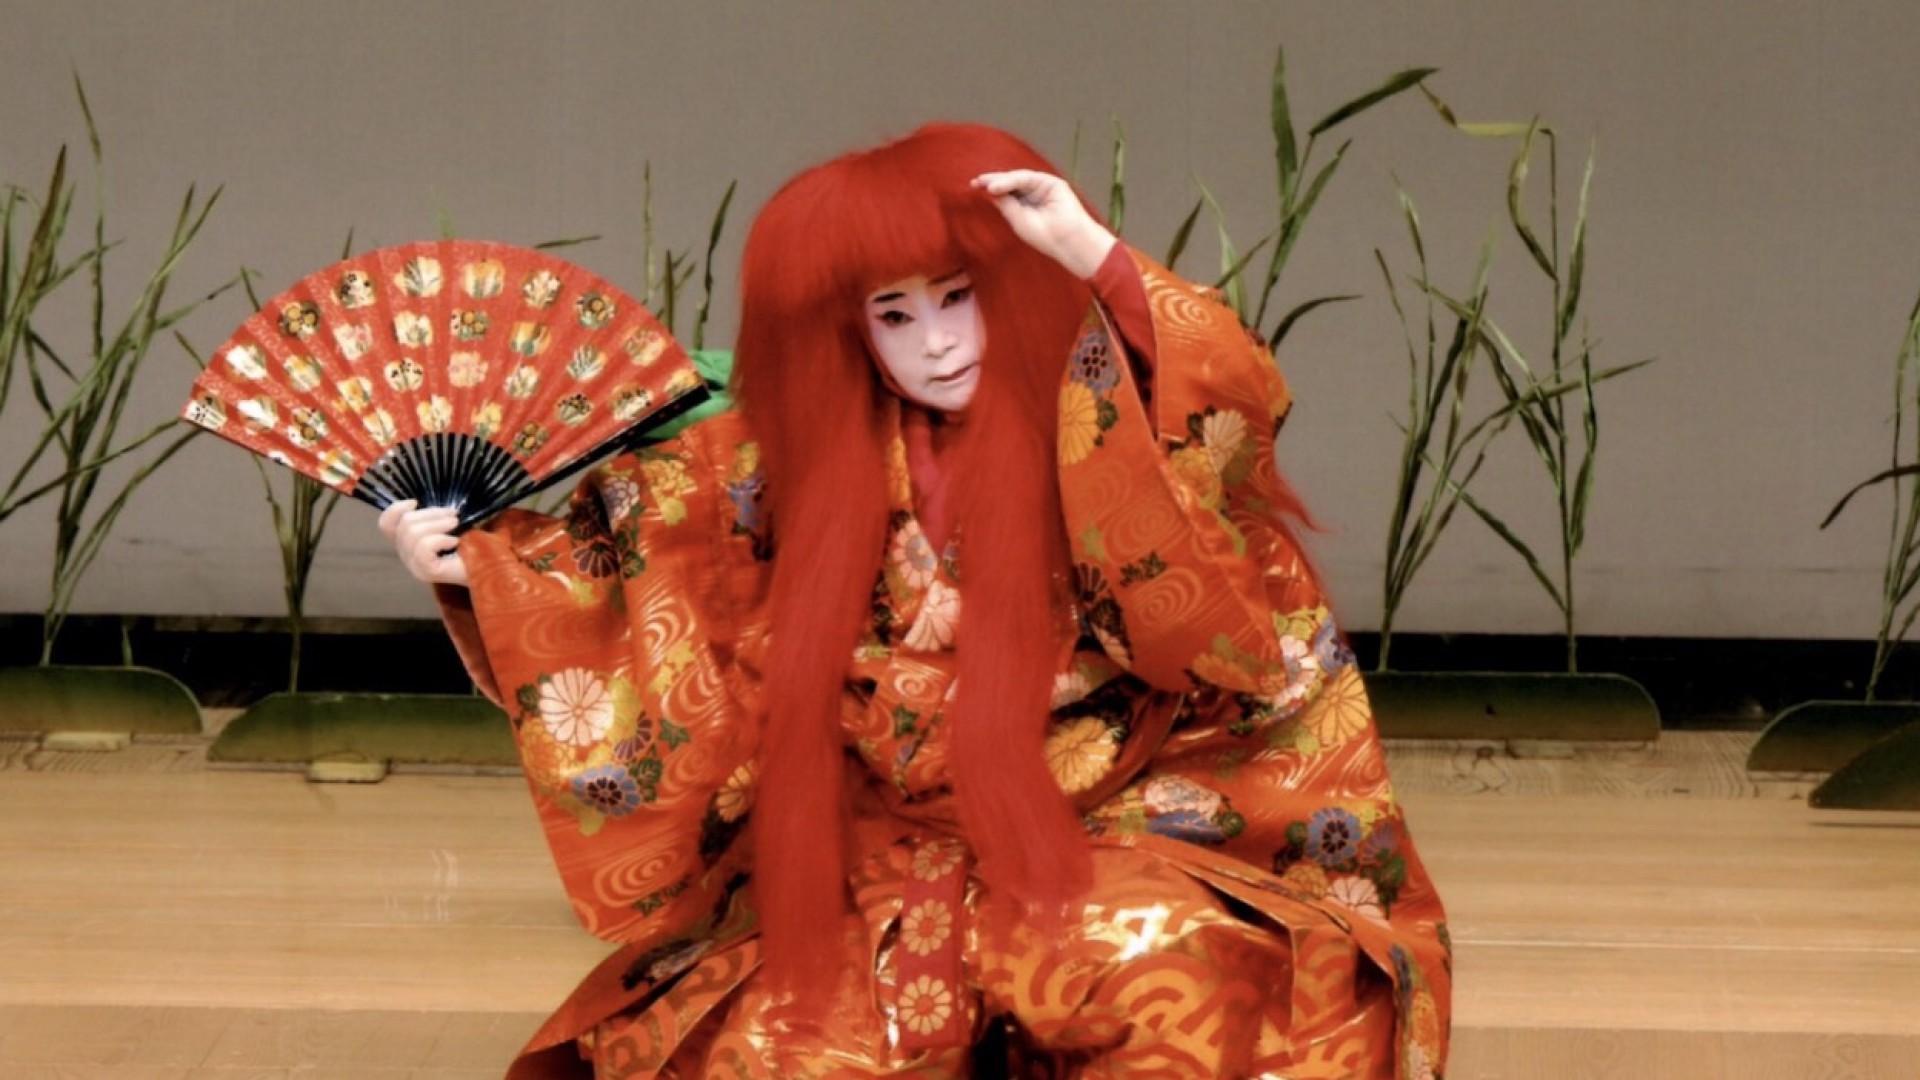 การแสดงนิฮงบุโยว (นาฏศิลป์ญี่ปุ่น)